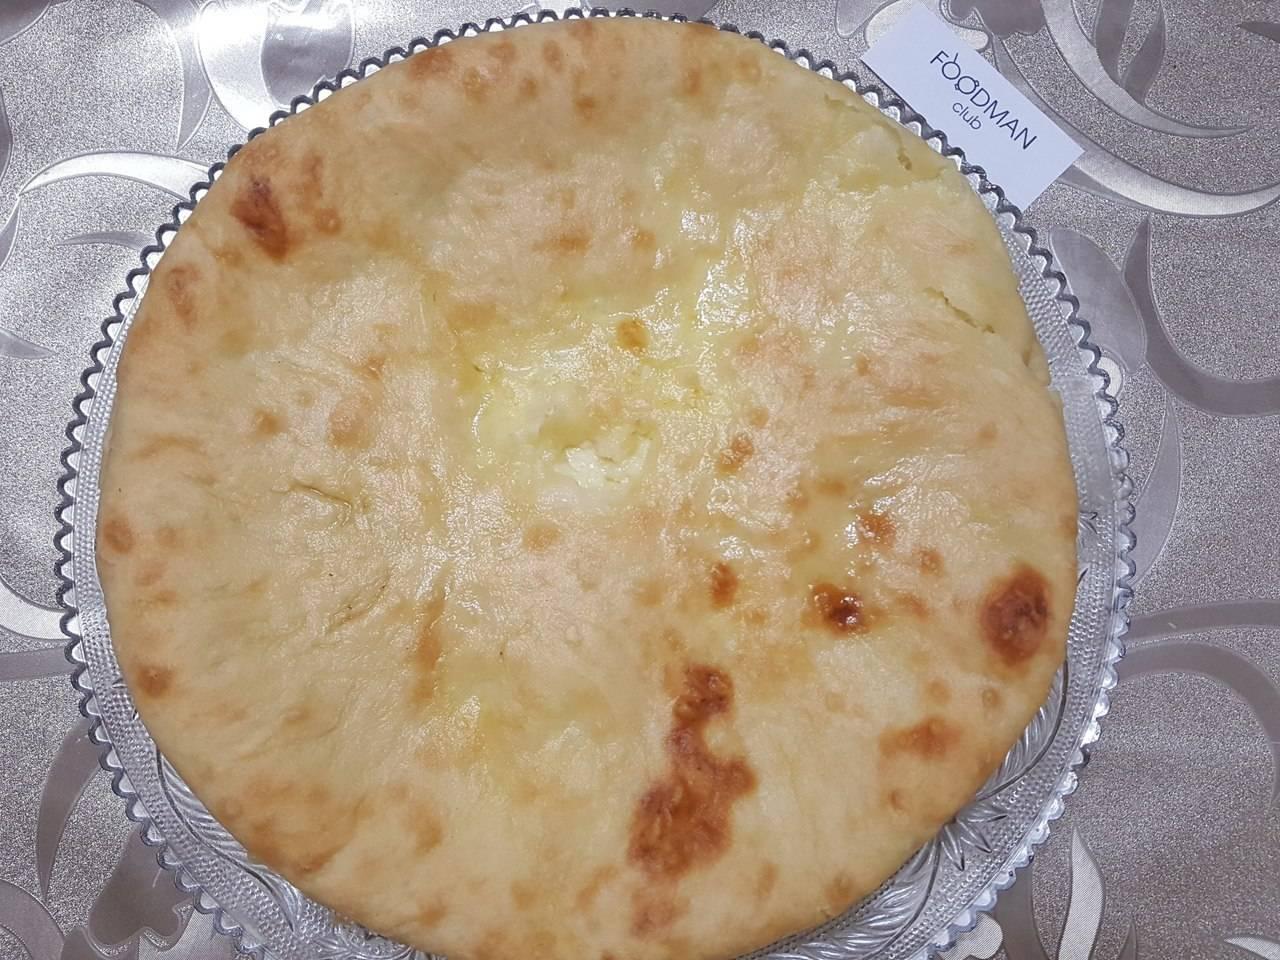 Осетинские пироги рецепты без дрожжей пошагово в